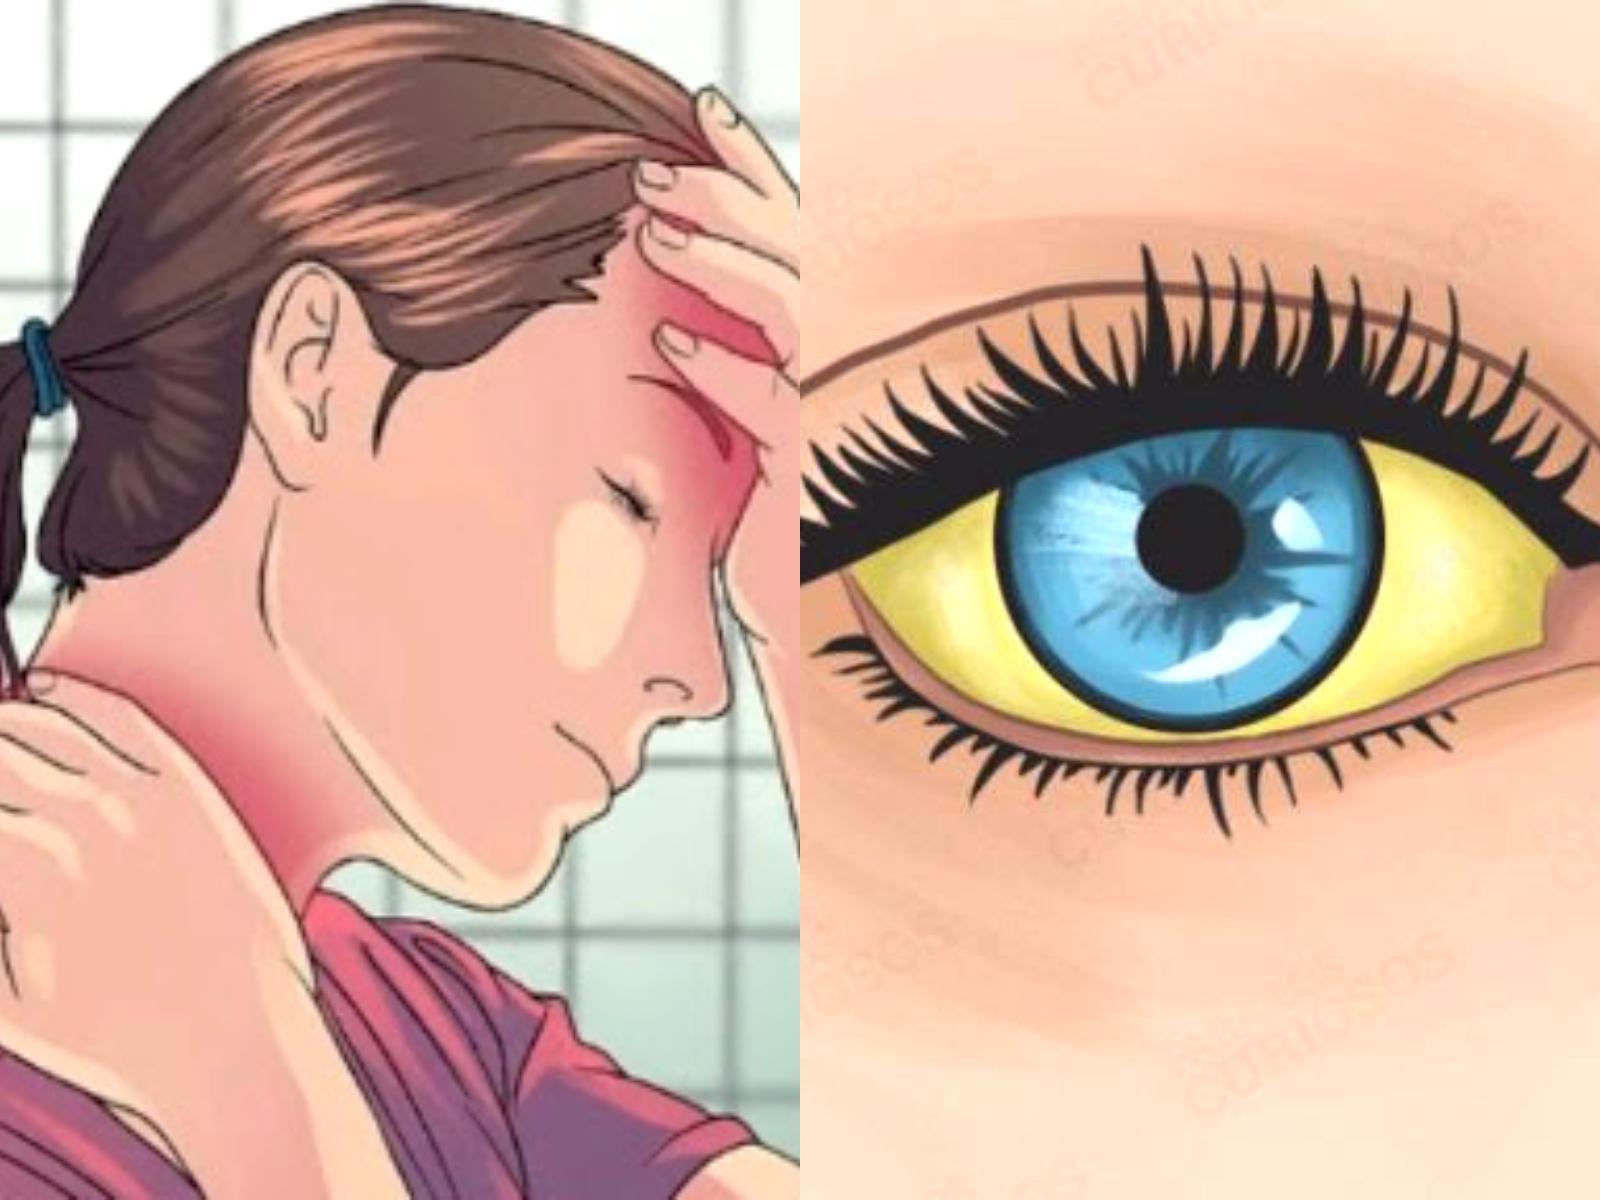 Τα συμπτώματα της έλλειψης πρωτεΐνης που κάθε γυναίκα πρέπει να γνωρίζει!